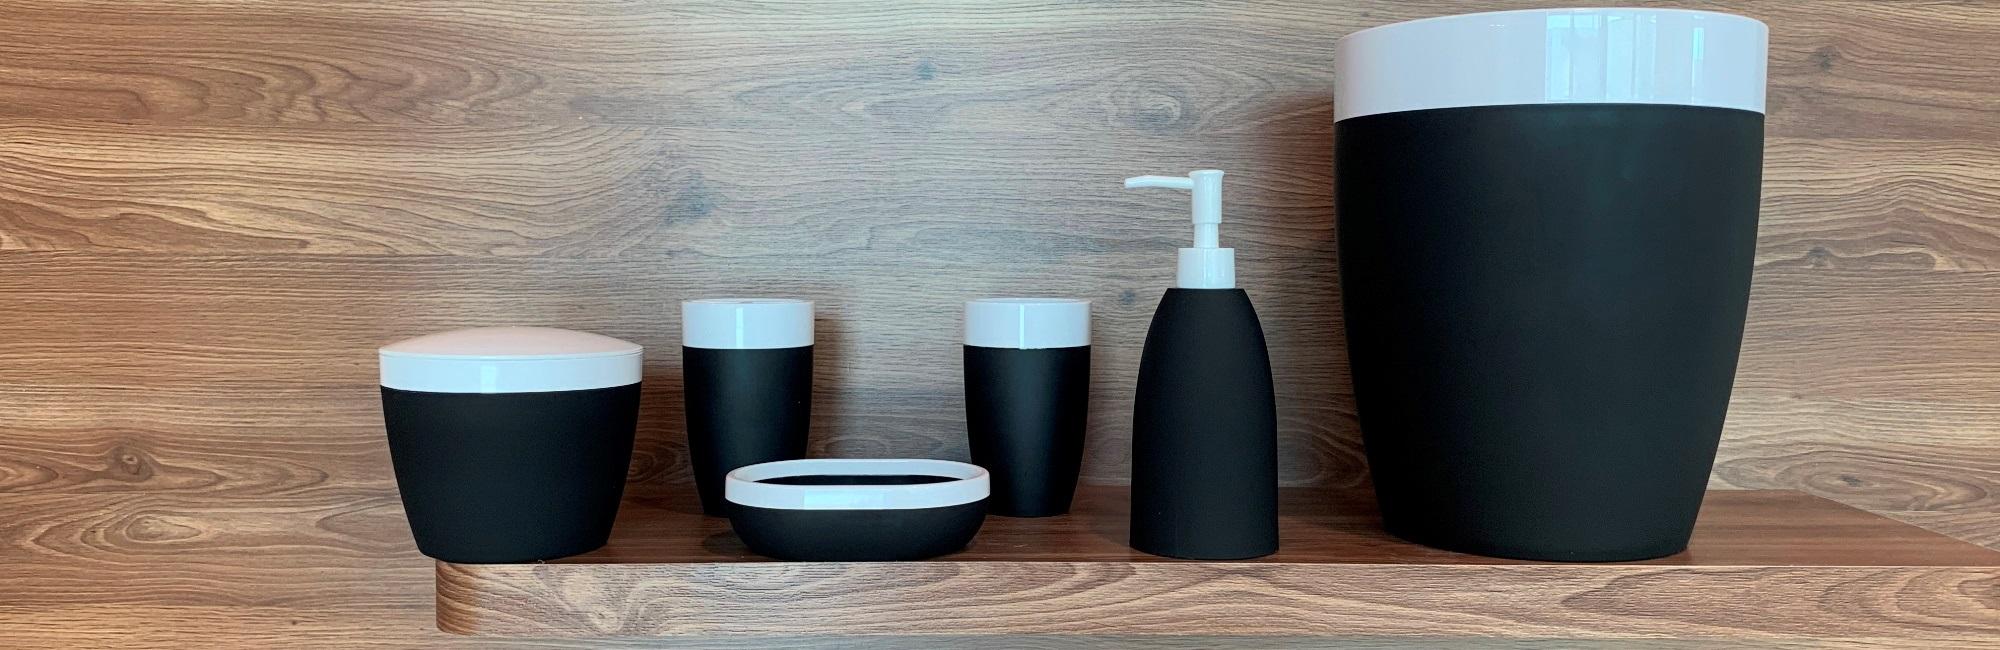 Plain Design Bathroom Accessories